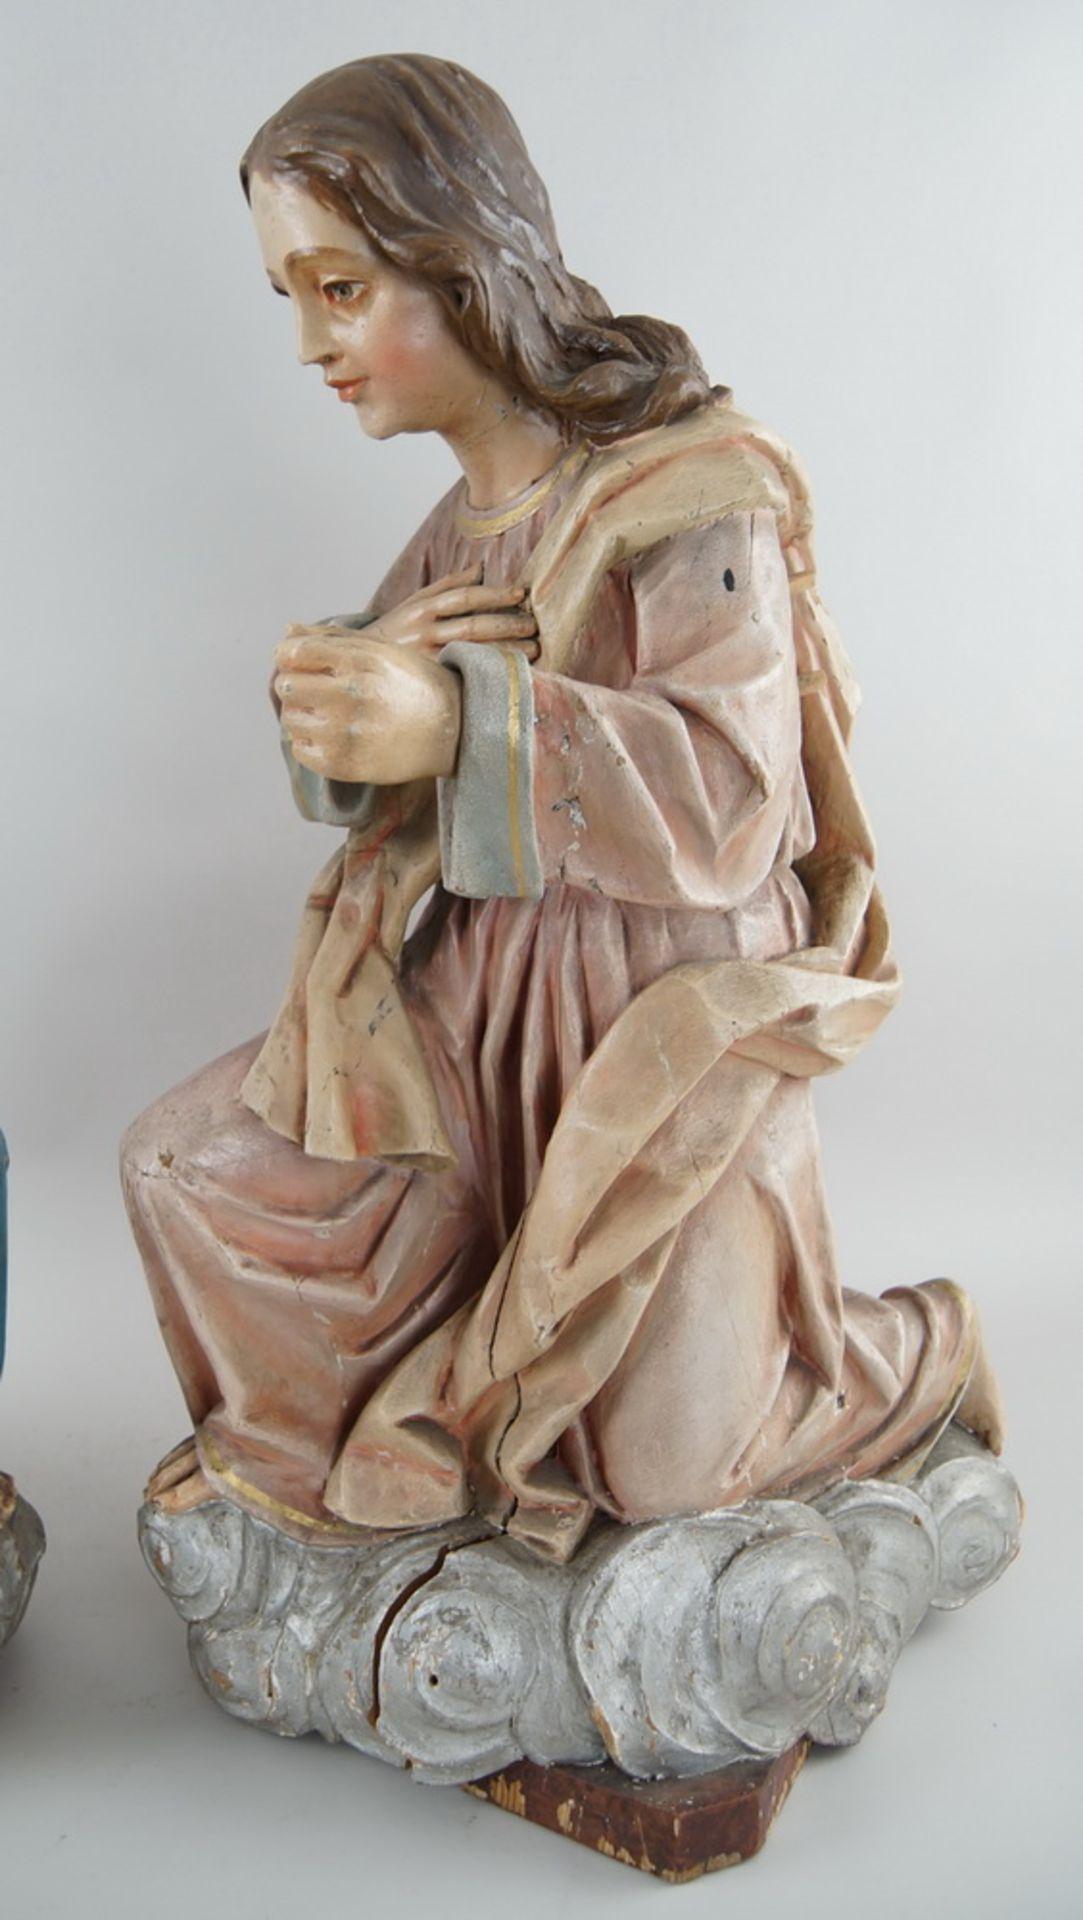 Zwei kniende Engel mit Flügel, 18. JH, Holz geschnitzt und gefasst, rest.-bed., H je 73cm - Bild 4 aus 15